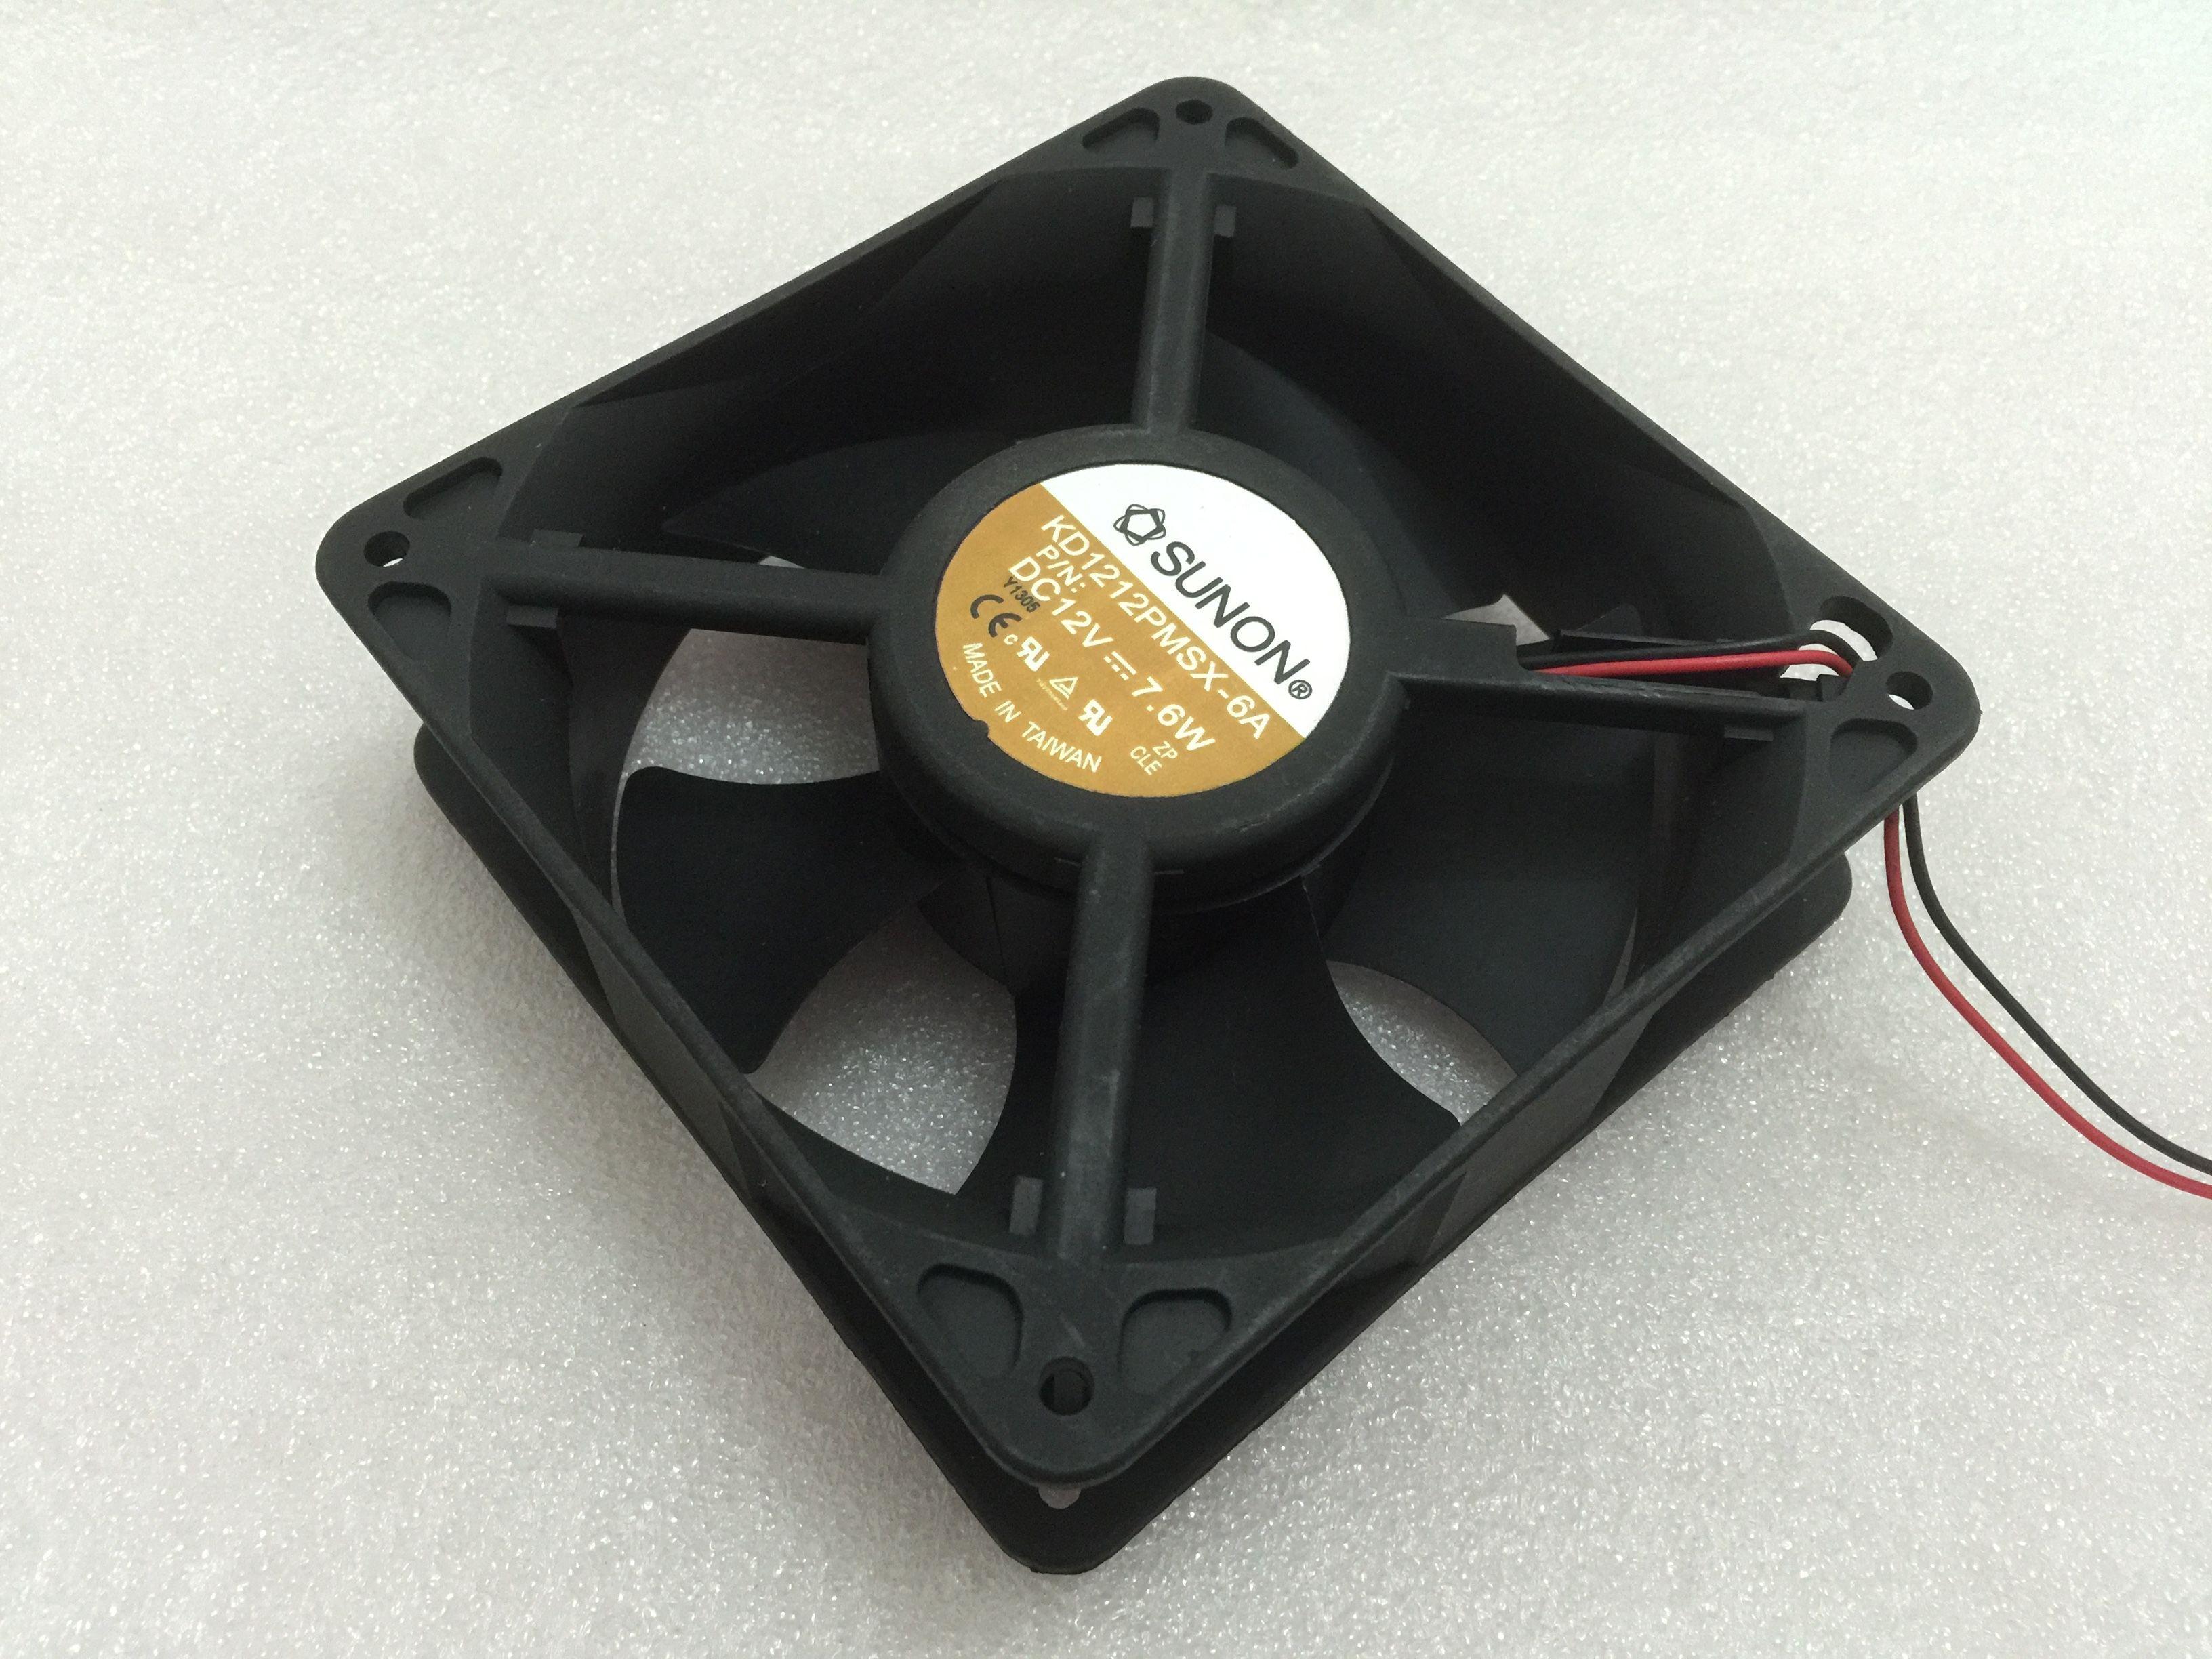 Frete Grátis Para A SUNÃO KD1212PMSX-6A DC 12 V 7.6 W 2-fio conector de 2 Pinos 70mm 120x120x38mm Servidor Quadrado Ventilador de refrigeração